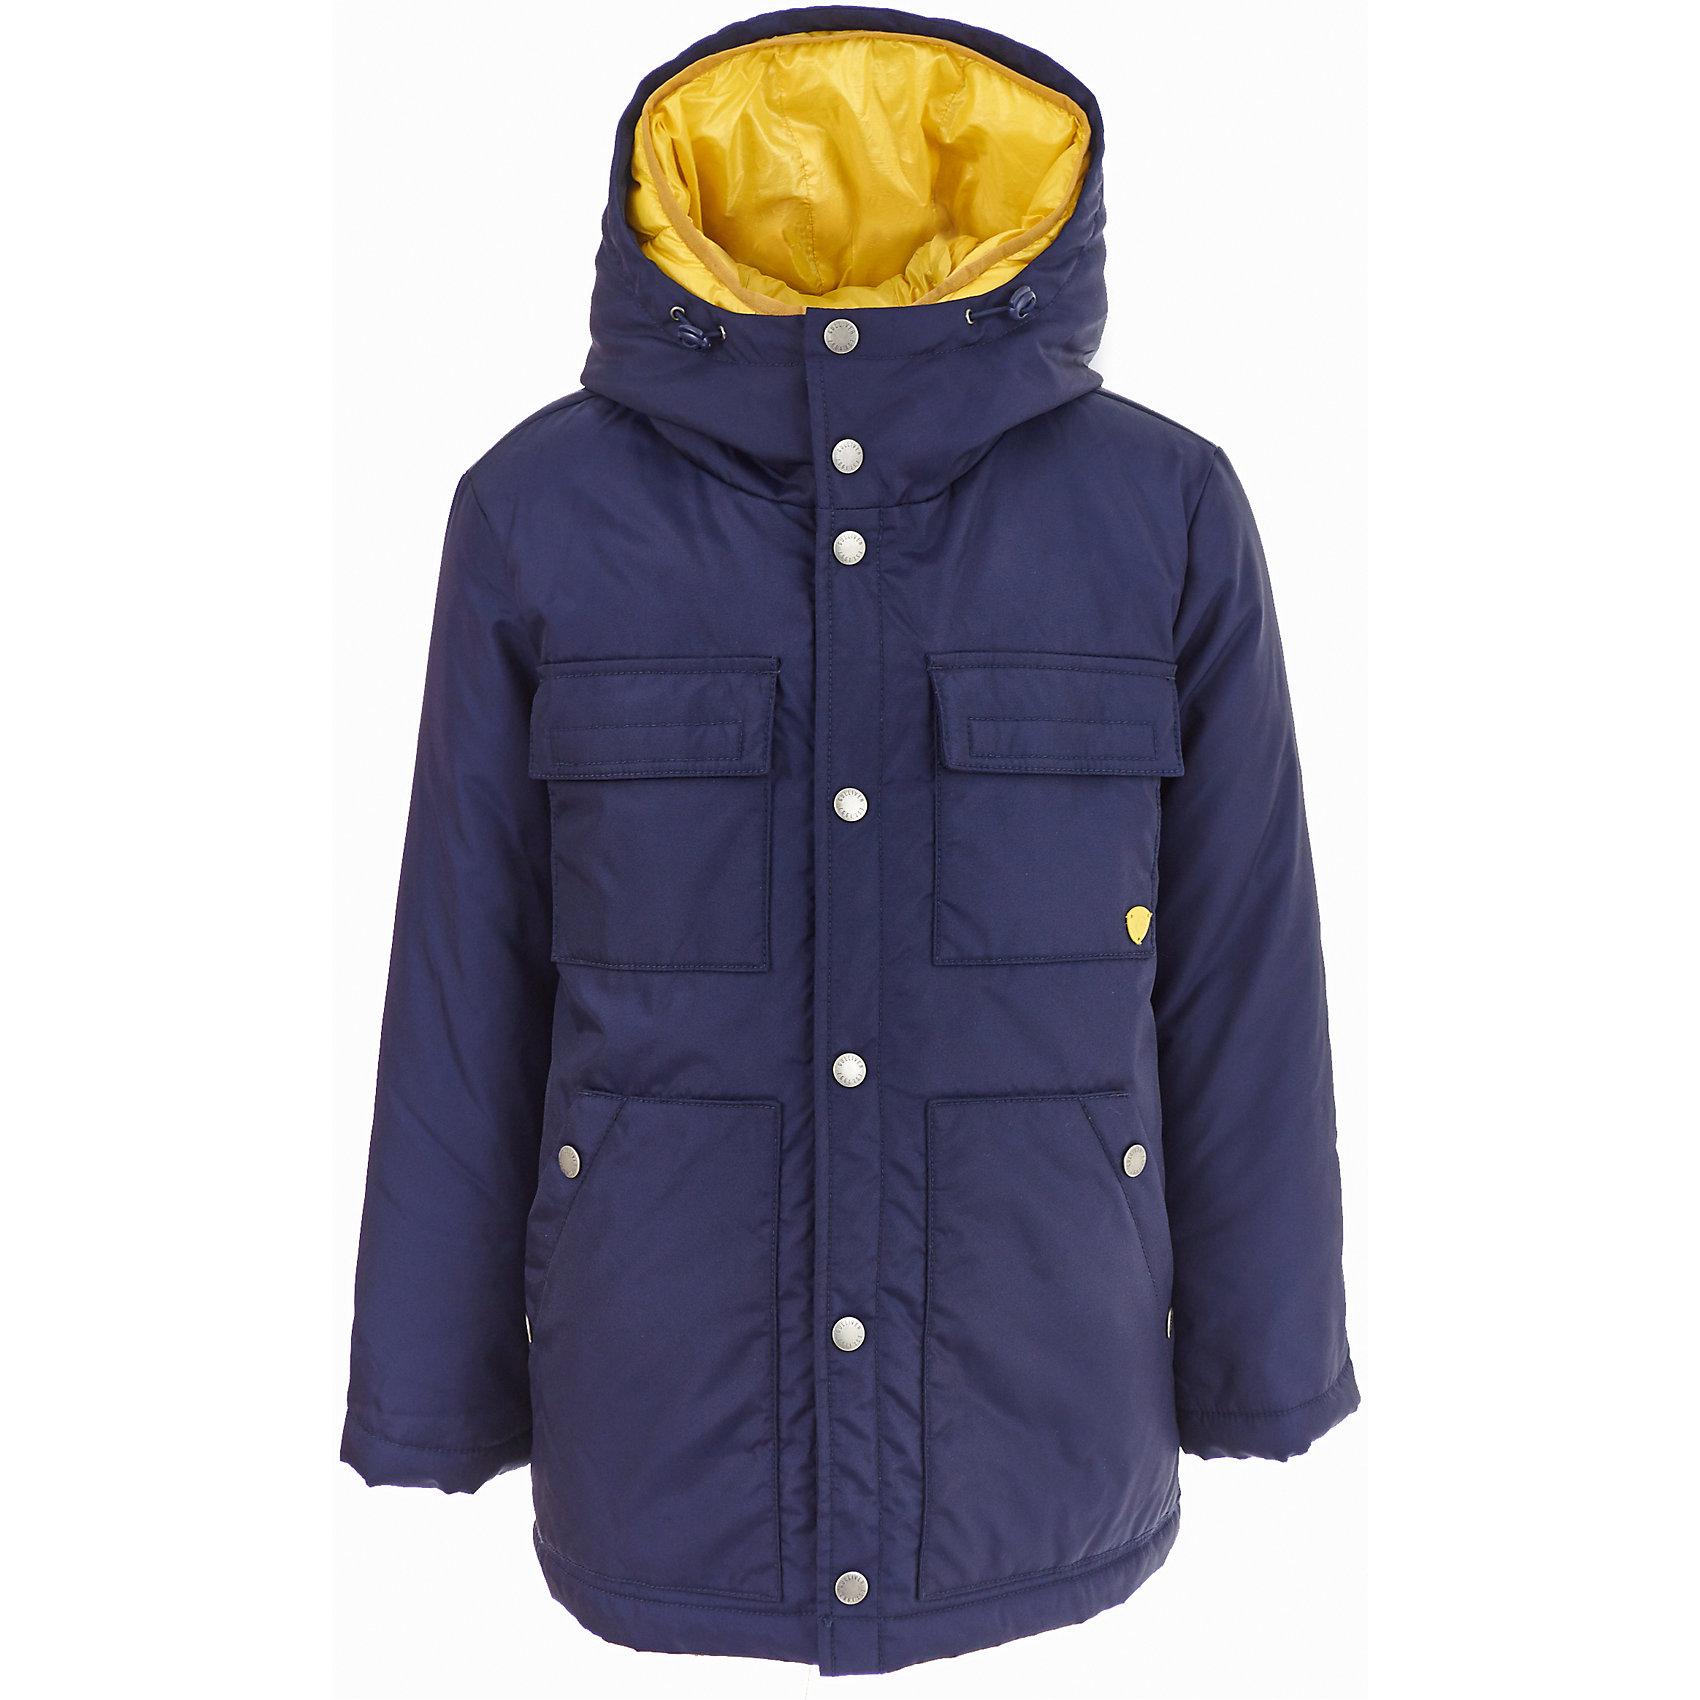 Полупальто Gulliver для мальчикаДемисезонные куртки<br>Полупальто Gulliver для мальчика<br>Модную или комфортную? Красивую или практичную?... Если вы хотите купить куртку для мальчика, помните, что хорошая куртка должна сочетать в себе все необходимые требования к внешнему виду и функциональности! Именно такая, детская куртка от Gulliver, - отличный вариант для холодной погоды. Стильный дизайн: контрастная отделка, крупный принт, модная фишка - ветрозащитные очки на капюшоне, не позволят пройти мимо, не обратив на себя внимания! Удобная форма, комфортная длина, удачная конструкция модели, не препятствующая свободе движений, а также все необходимые элементы для защиты от ветра сделают куртку незаменимым атрибутом зимнего сезона.<br>Состав:<br>верх: 100% полиэстер;  подкладка: 100% полиэстер; утеплитель: иск.пух 100% полиэстер<br><br>Ширина мм: 356<br>Глубина мм: 10<br>Высота мм: 245<br>Вес г: 519<br>Цвет: синий<br>Возраст от месяцев: 108<br>Возраст до месяцев: 120<br>Пол: Мужской<br>Возраст: Детский<br>Размер: 140,122,128,134<br>SKU: 7077083